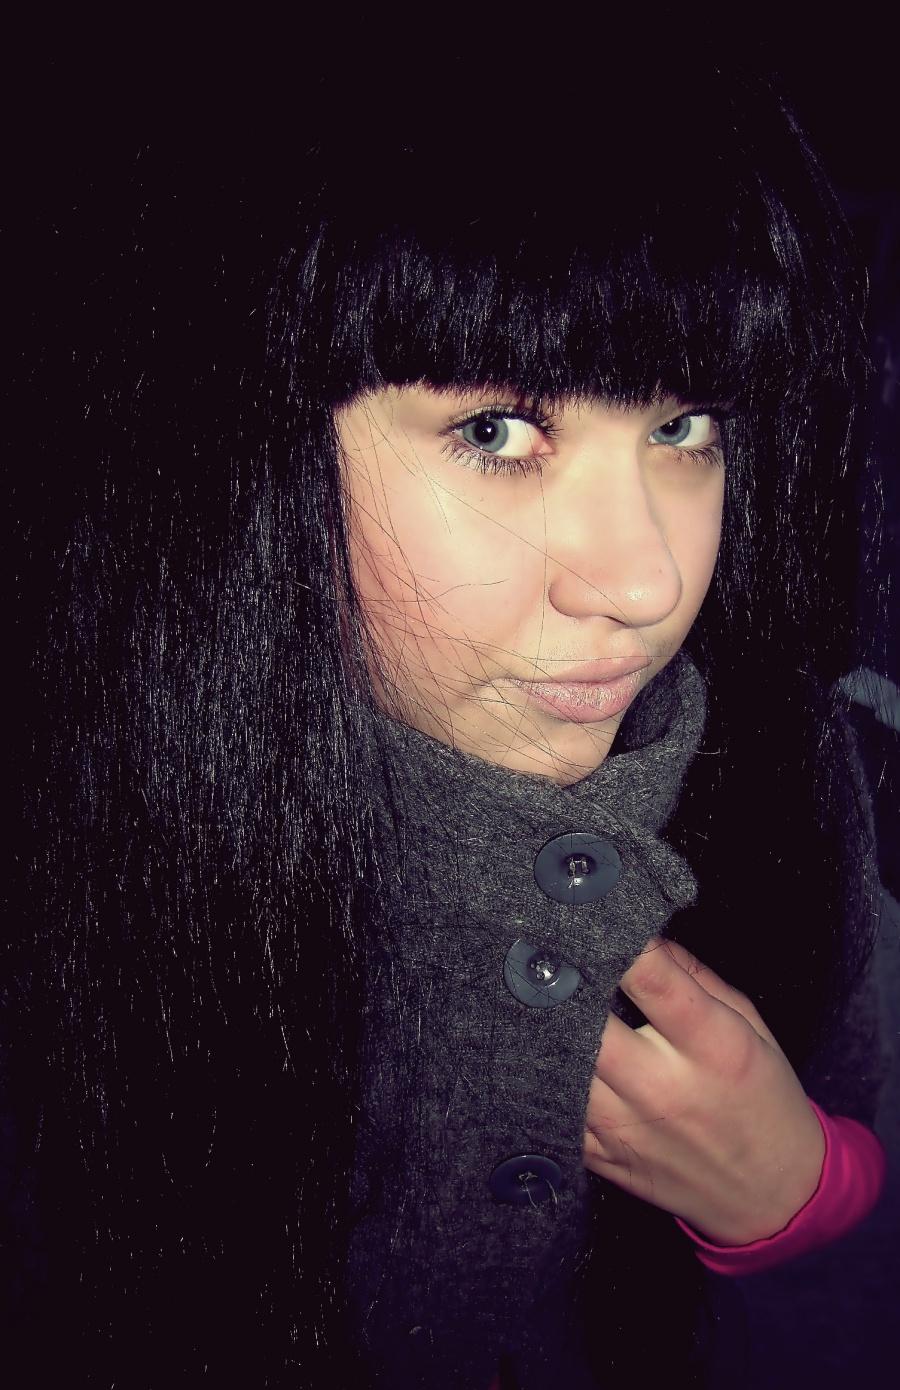 46 новосибирск керя знакомства